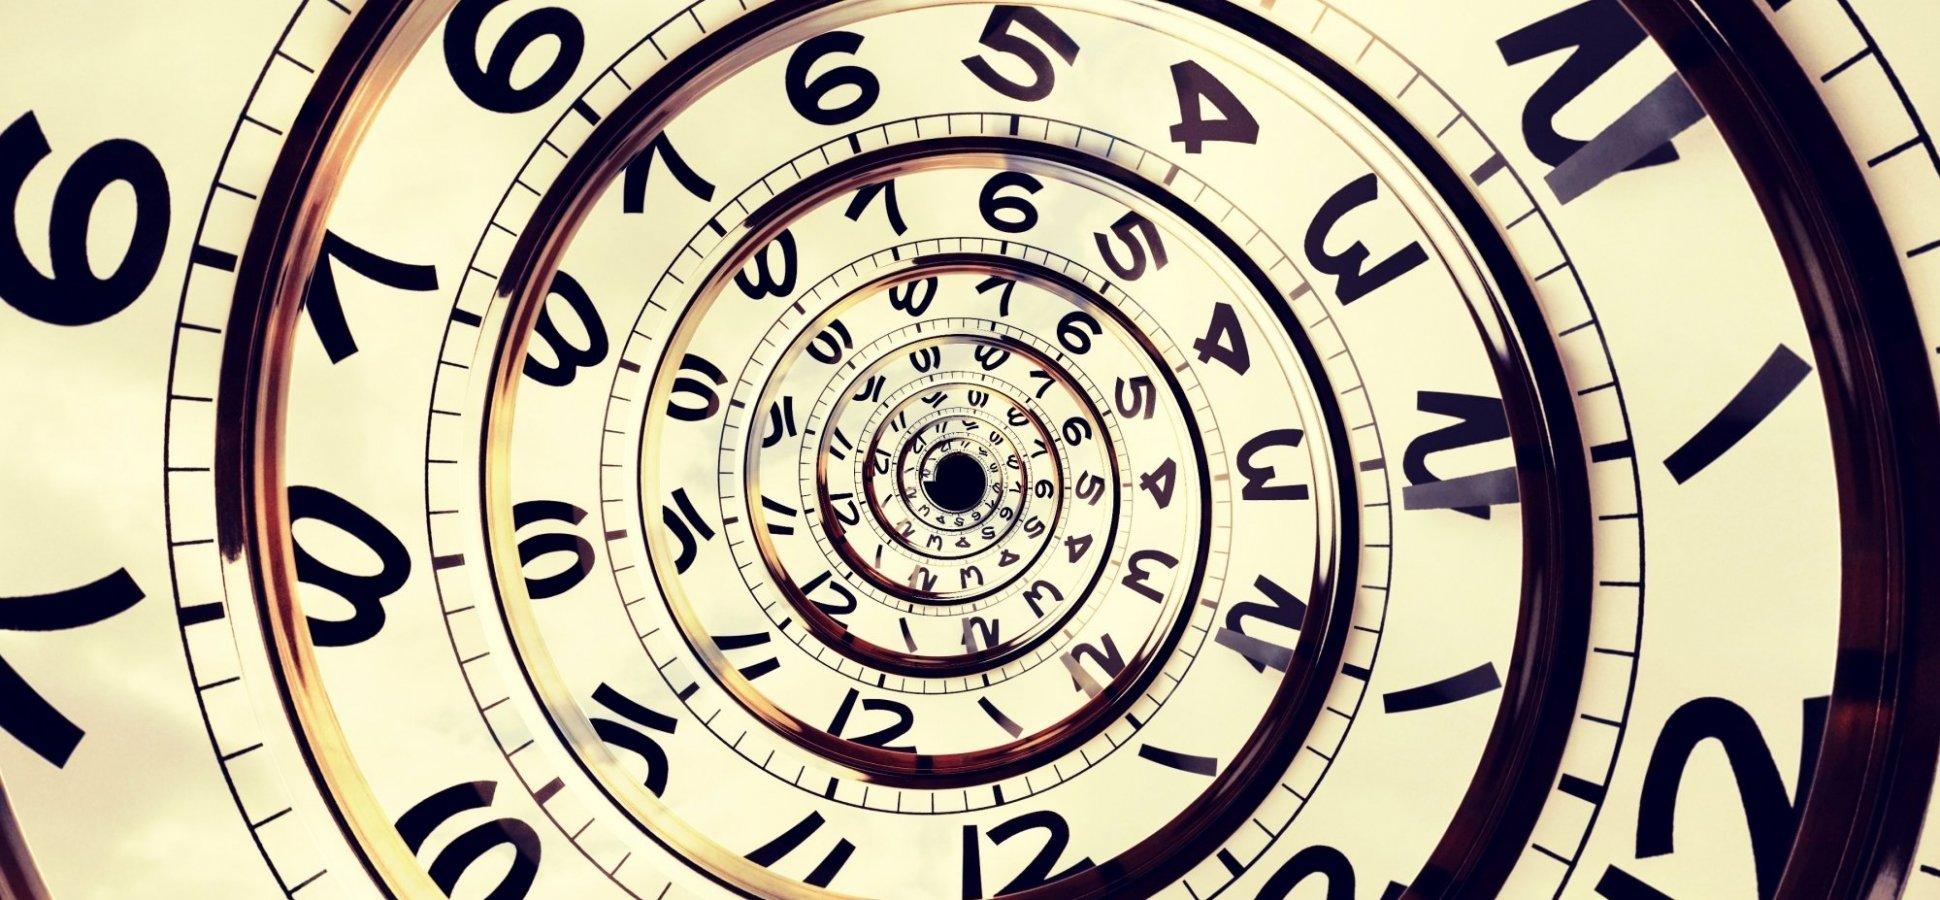 Proč čas utíká rychleji, čím jsme starší (ajak proti tomu bojovat)